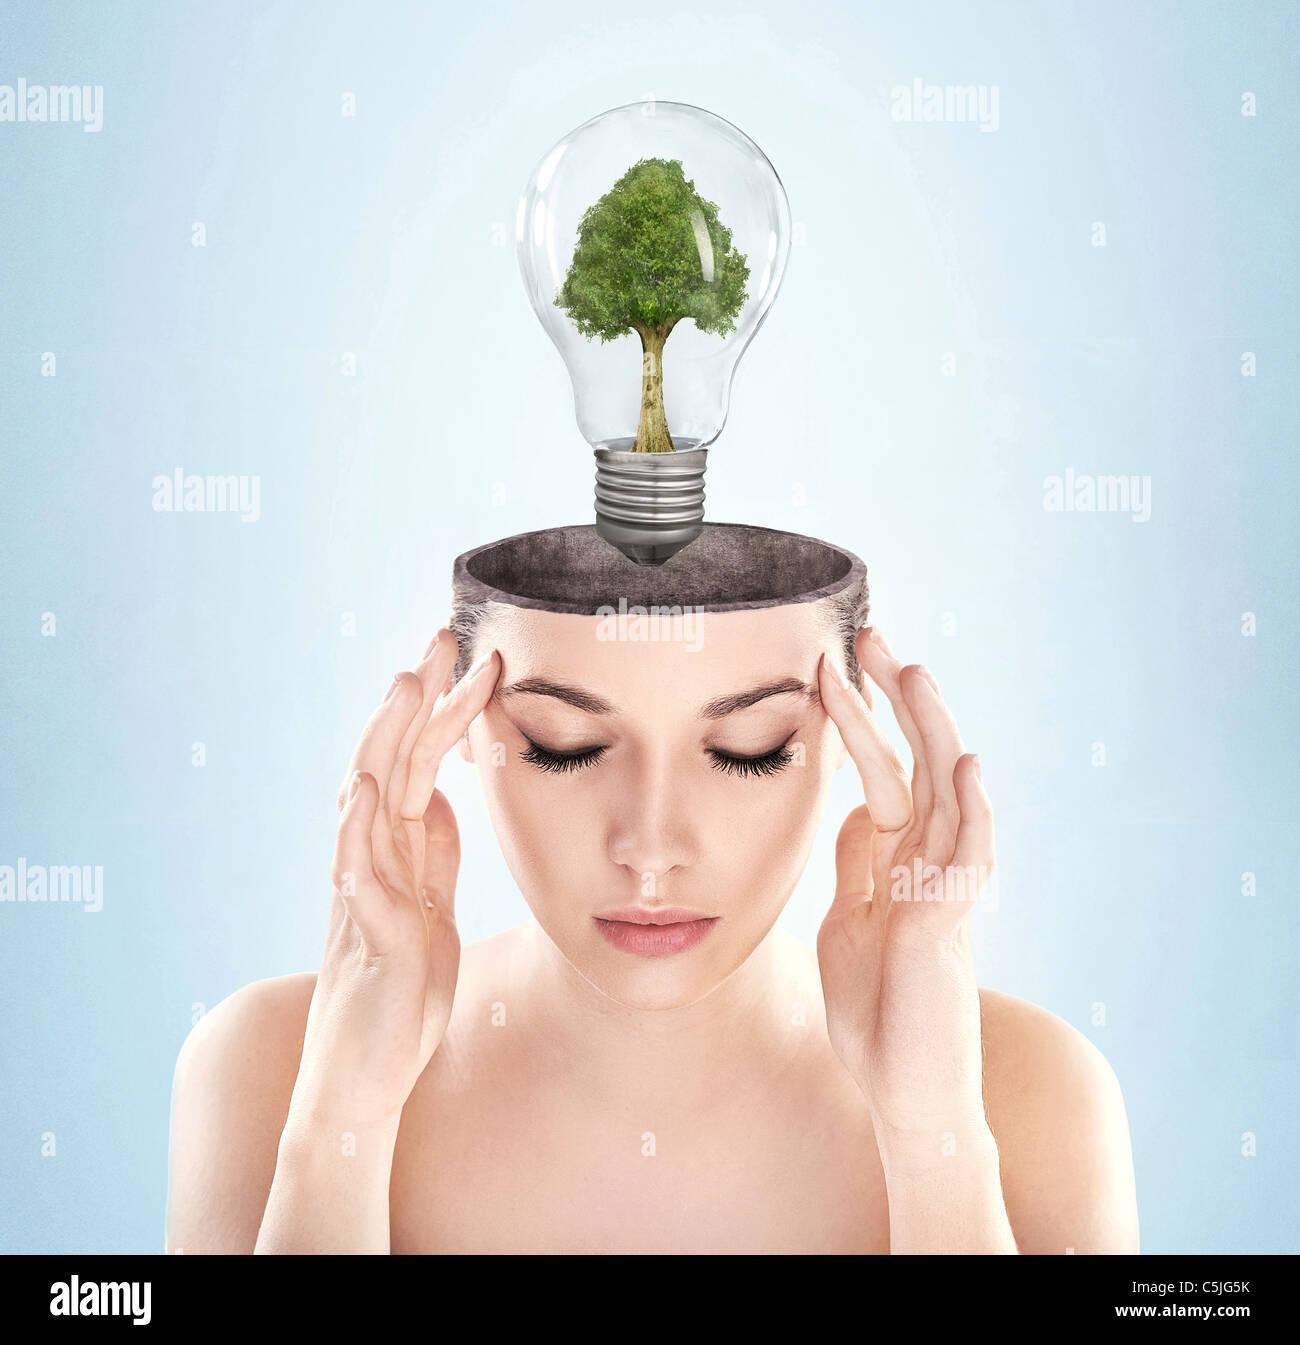 Offen denkende Frau mit grüner Energie symbol Stockfoto